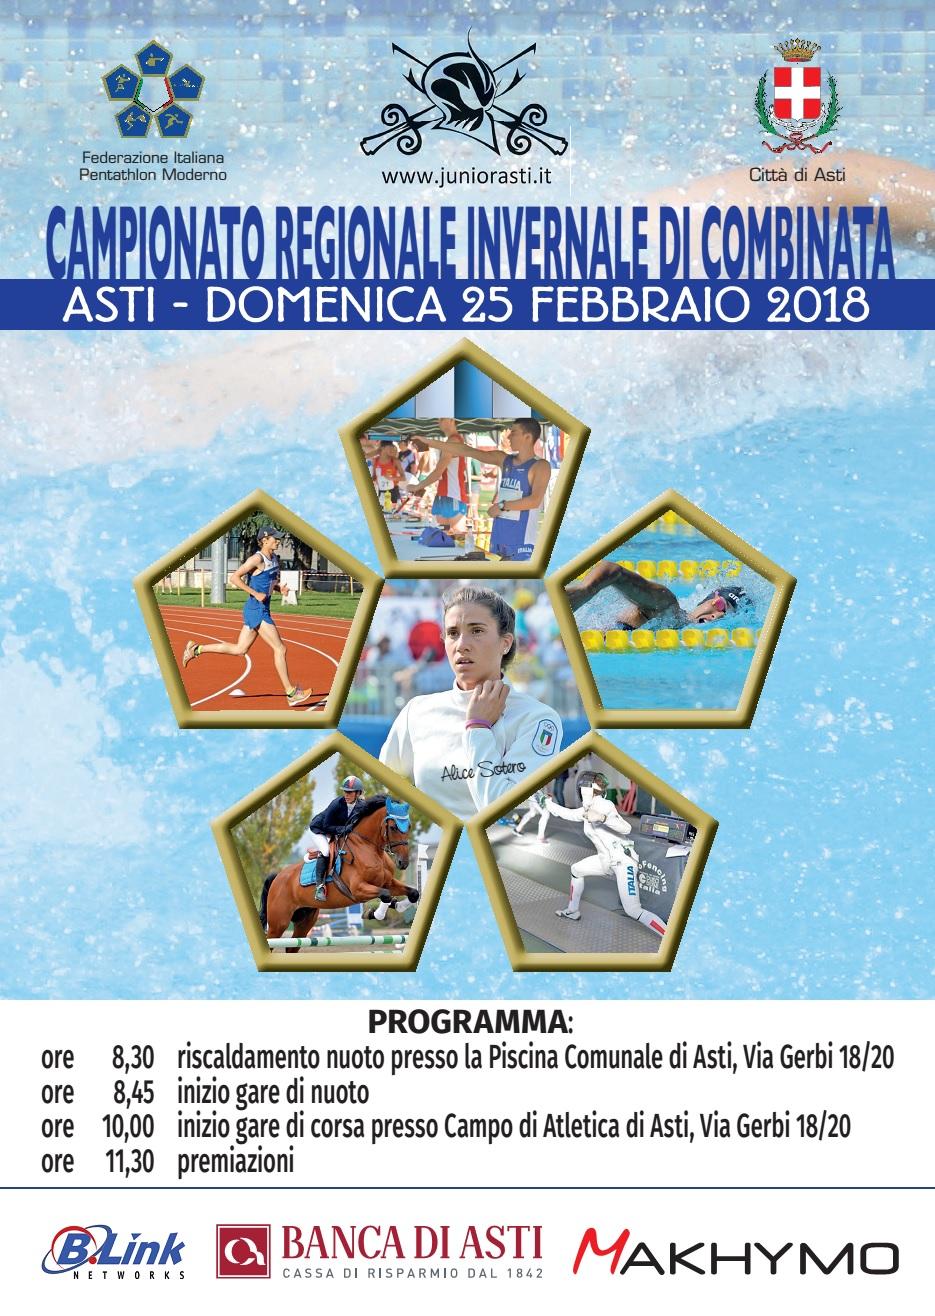 Domenica Ad Asti Il Campionato Regionale Invernale Di